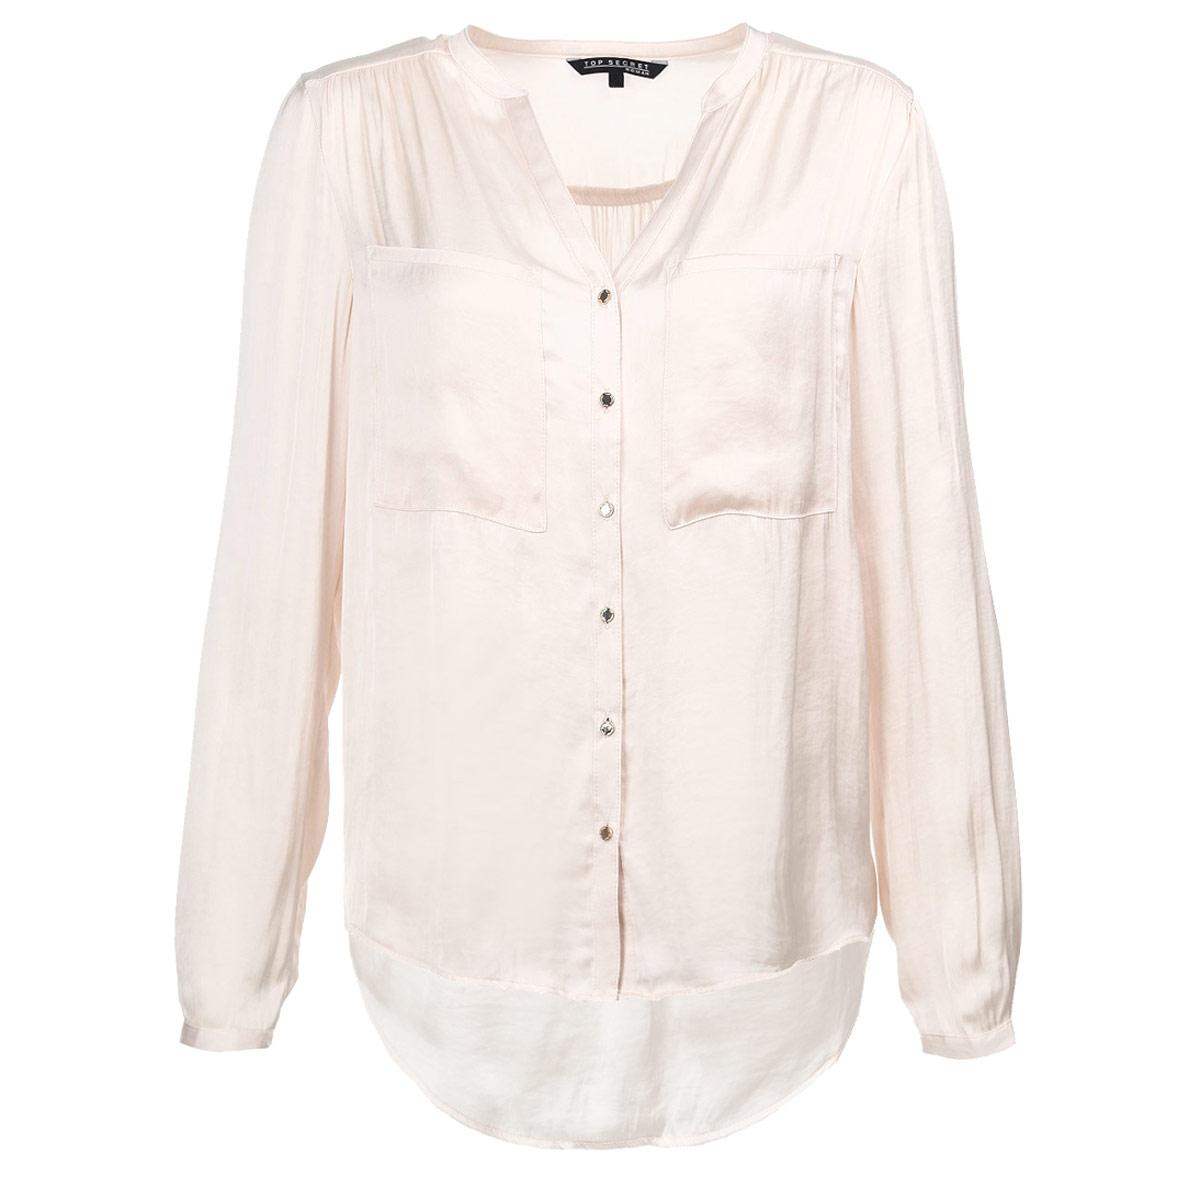 Блузка женская. SKL1750SKL1750ROЭлегантная блузка Top Secret выполнена из струящегося шелковистого полиэстера, материал очень приятный на ощупь. Модель прямого кроя с длинными рукавами и V-образным вырезом горловины. Блузка застегивается на металлические пуговицы по всей длине изделия. Манжеты также застегиваются на пуговицы. На груди изделие дополнено двумя накладными карманами. Спинка удлиненная. Лаконичная блузка с полукруглым низом будет идеально сочетаться с узкими брюками или леггинсами. Эта блузка послужит отличным дополнением к вашему гардеробу, в ней вы будете чувствовать себя комфортно.